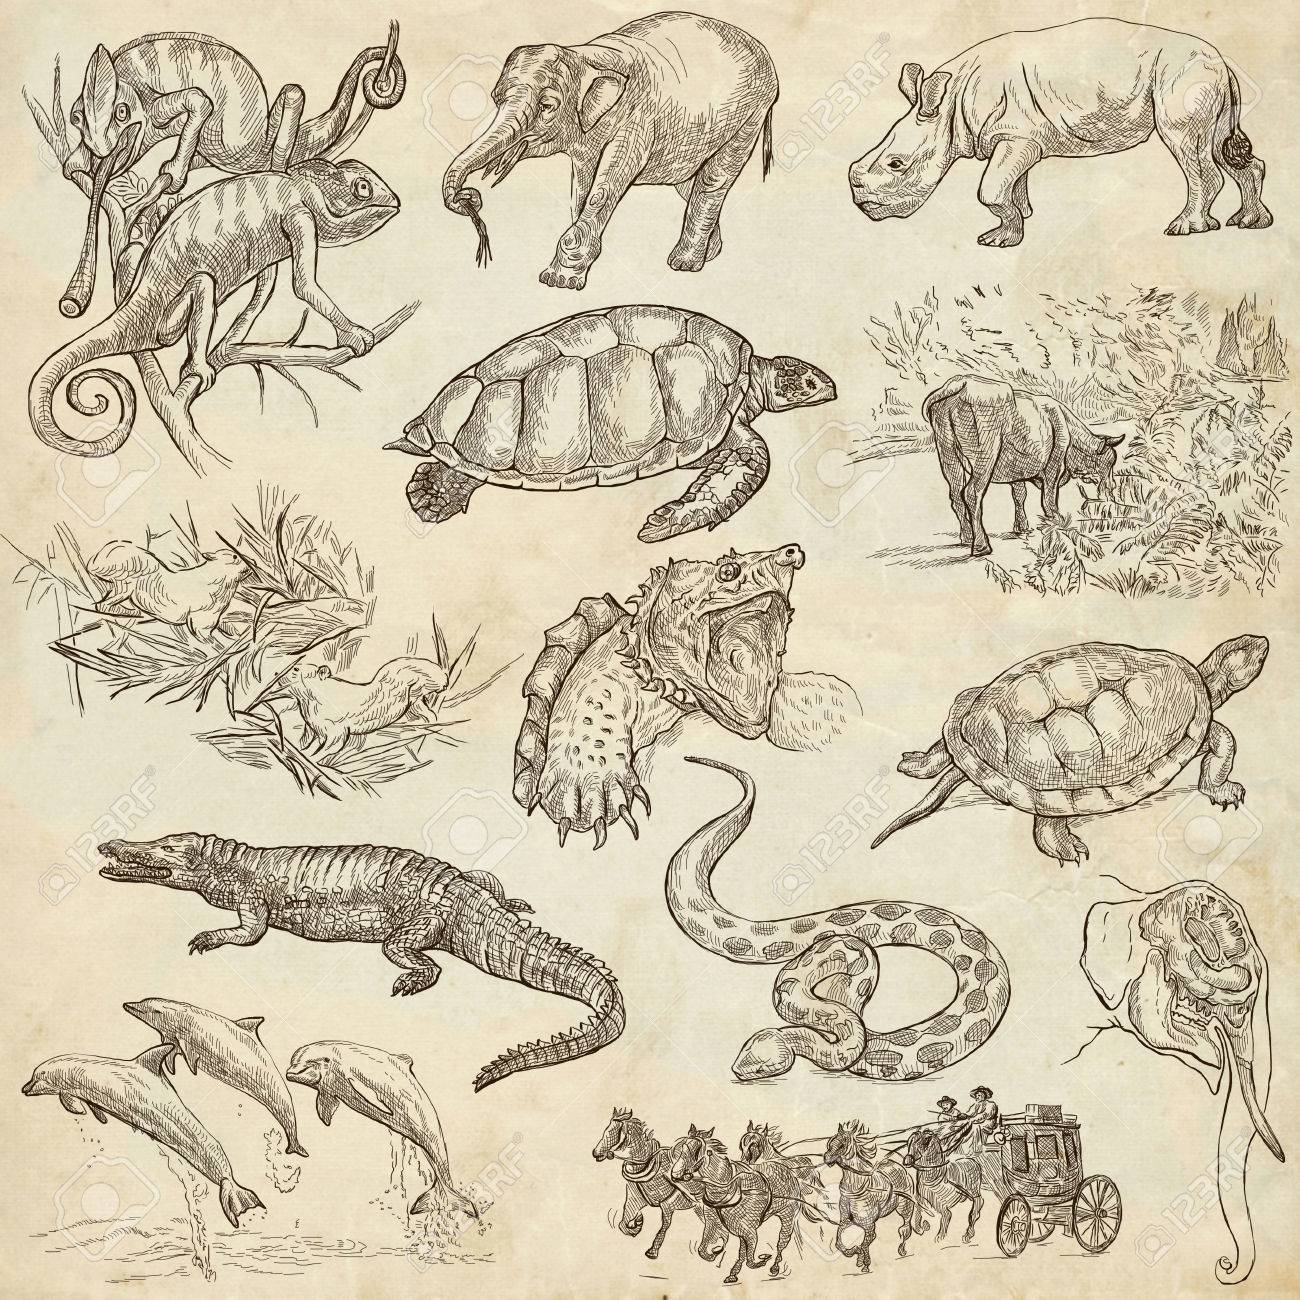 世界の手描きイラスト集動物説明コントロール フルサイズの手描き